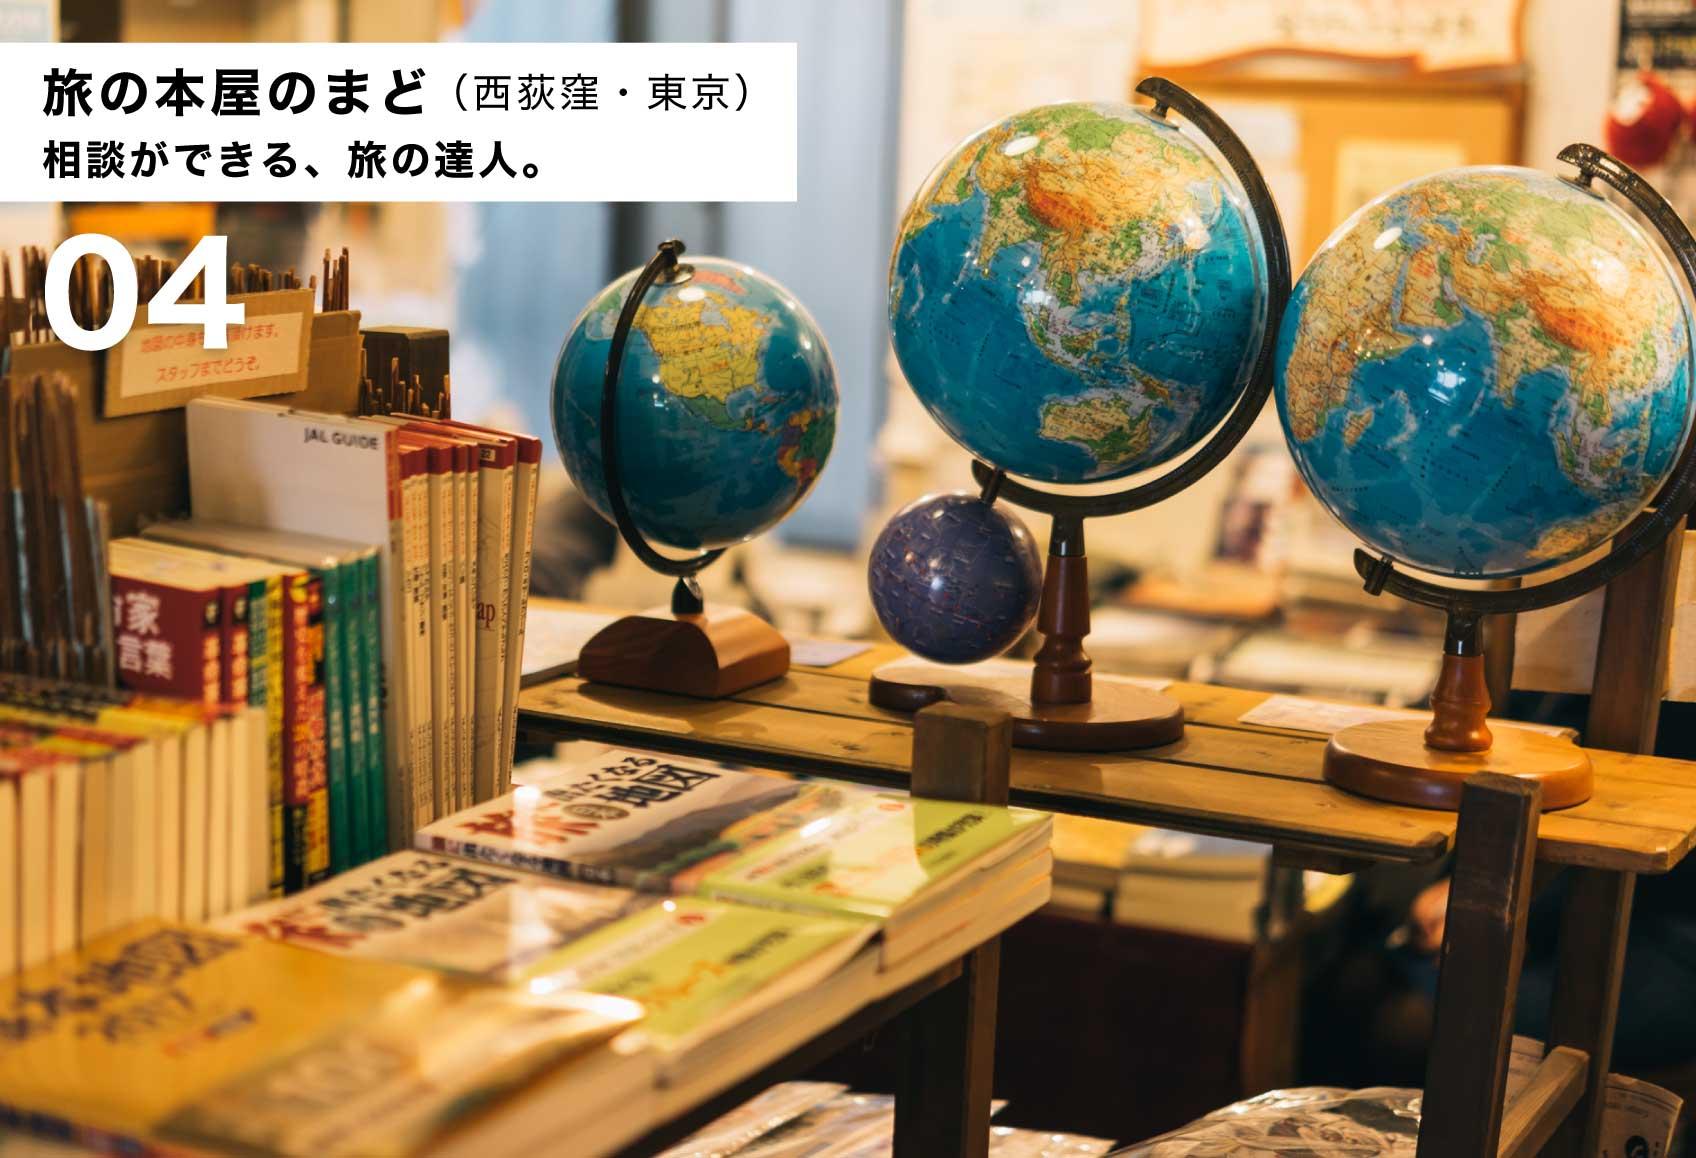 04 旅の本屋のまど 西荻窪・東京